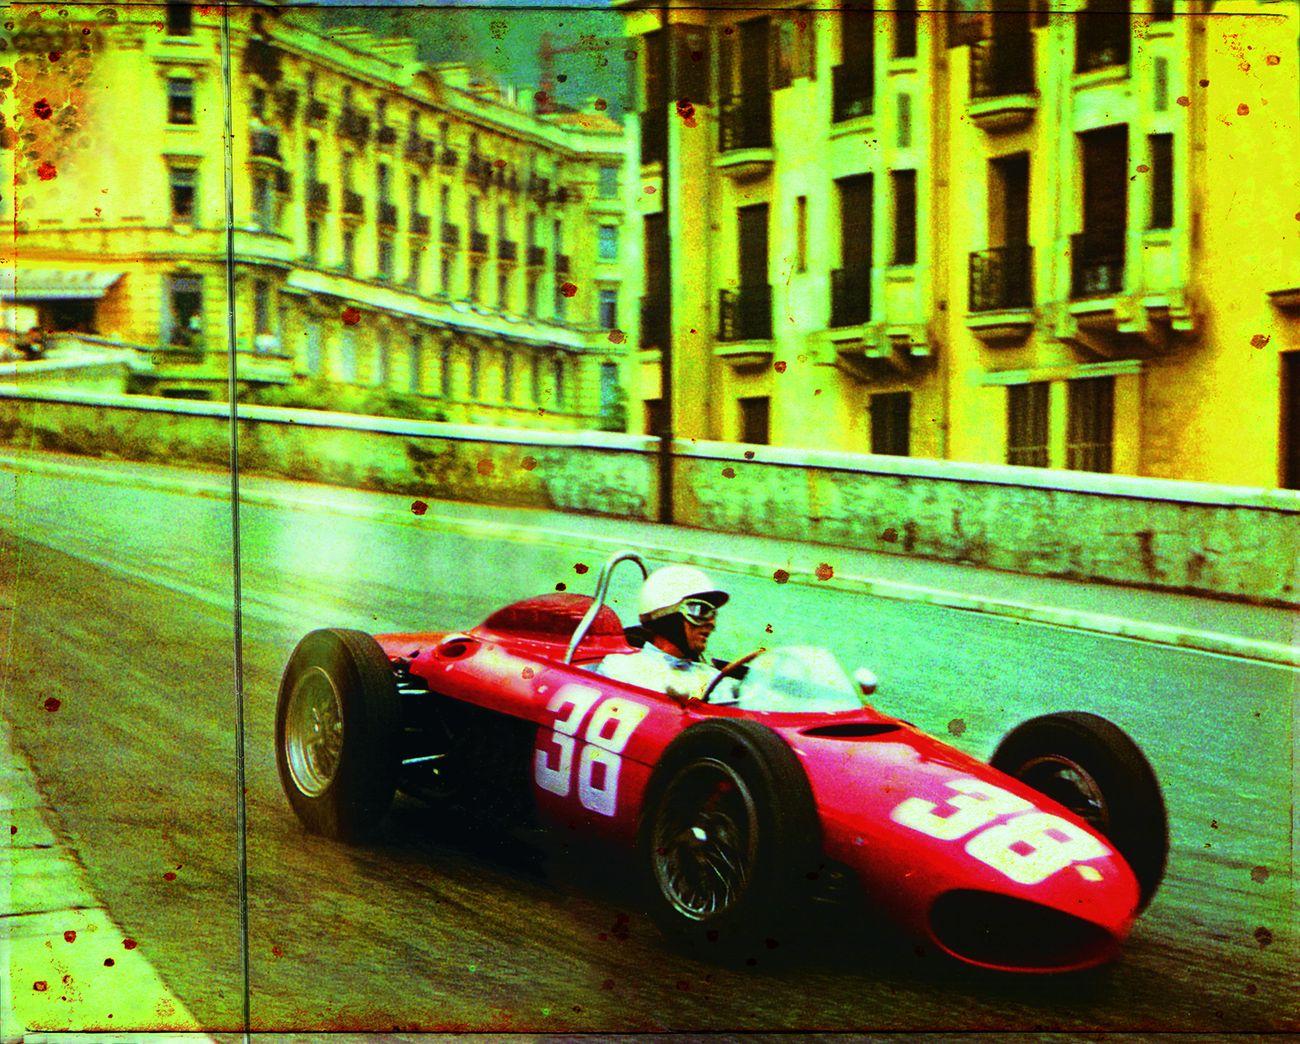 Red Cars. Gran Premio di Monaco. Photo credits Volumina